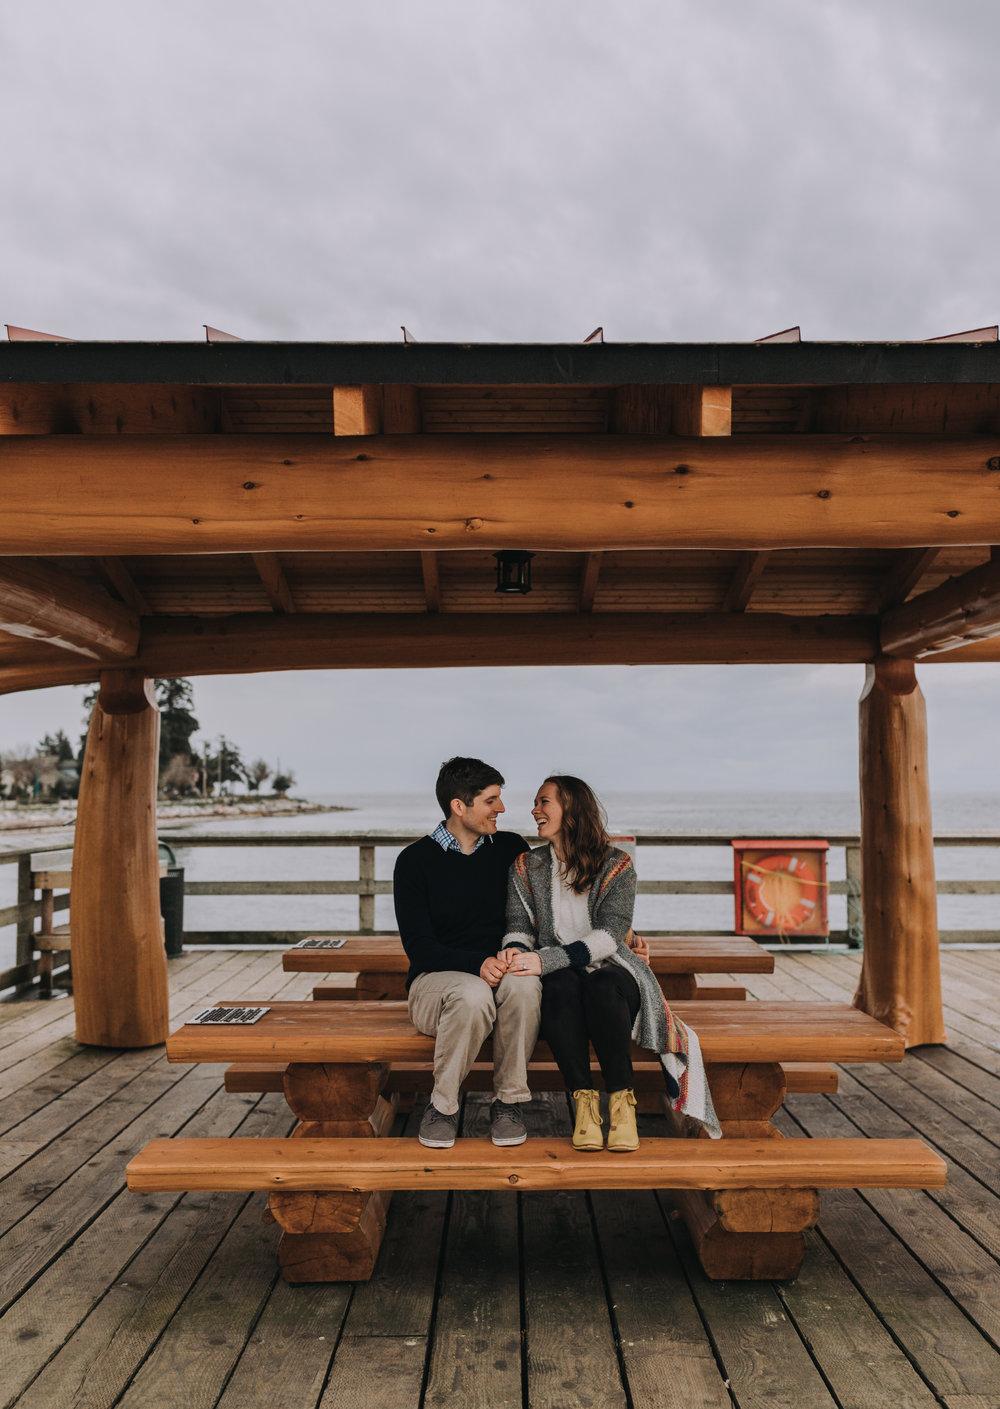 Forest Engagement Photos - Sunshine Coast BC Engagement Photos -  Sunshine Coast Wedding Photographer - Vancouver Wedding Photographer - Jennifer Picard427.JPG